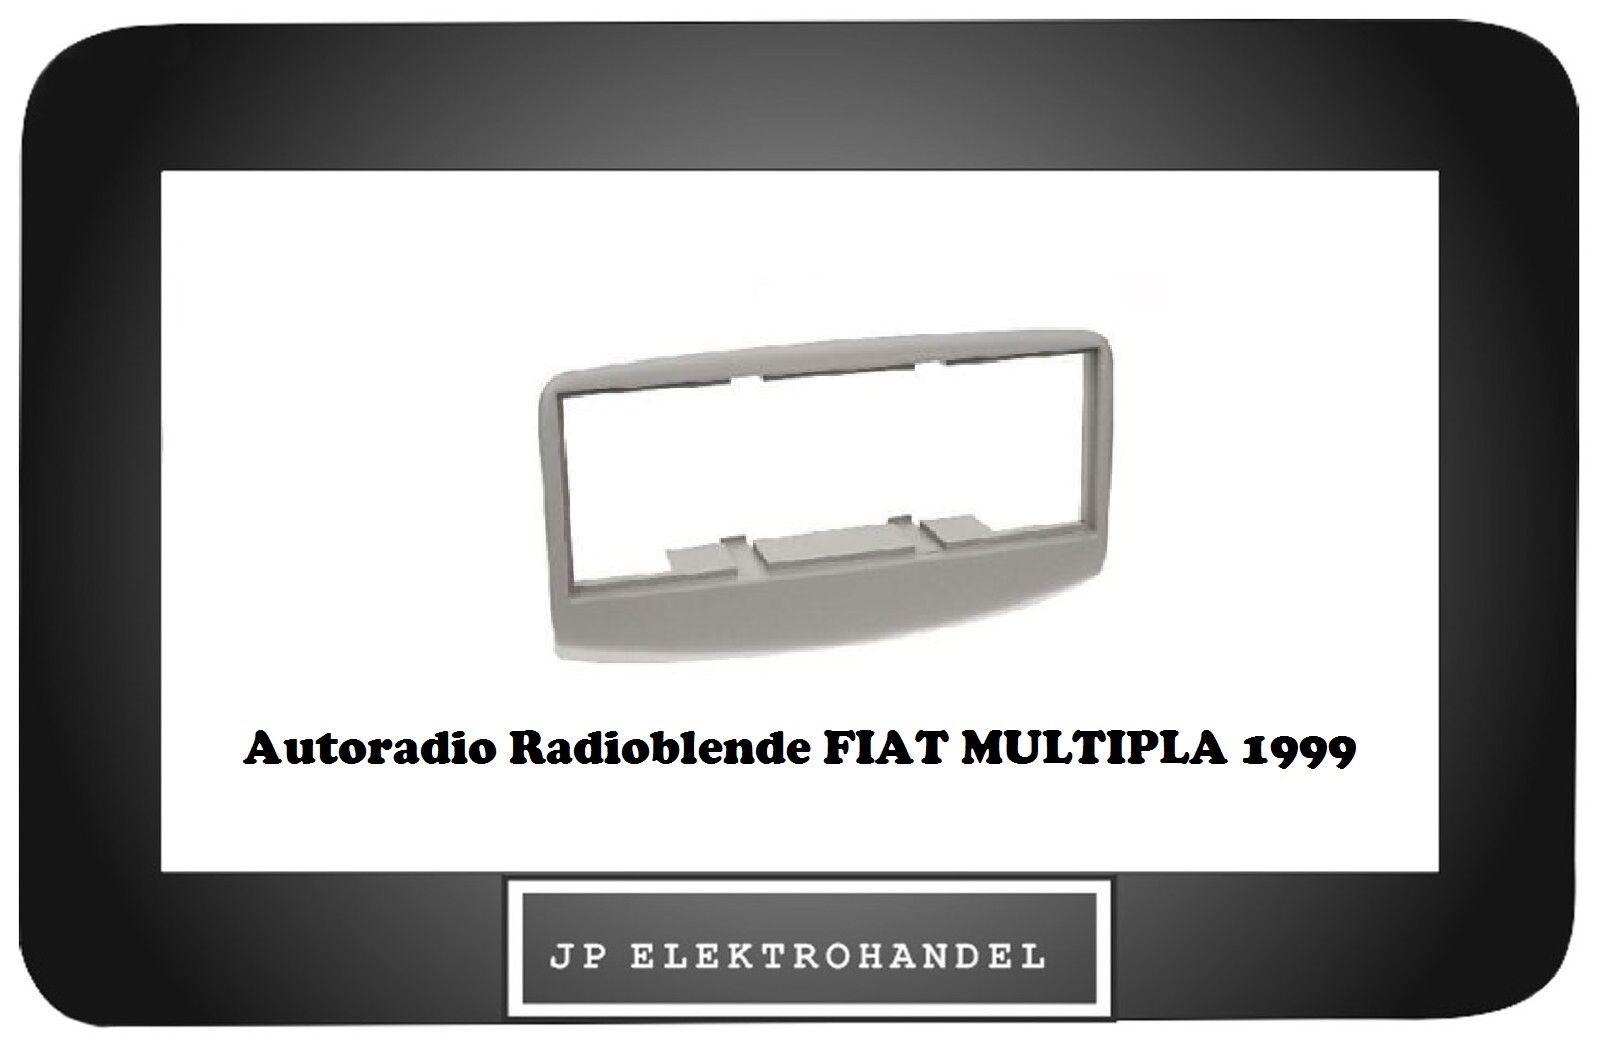 Radioblende DIN Autoradio für Fiat Multipla 1999-2000